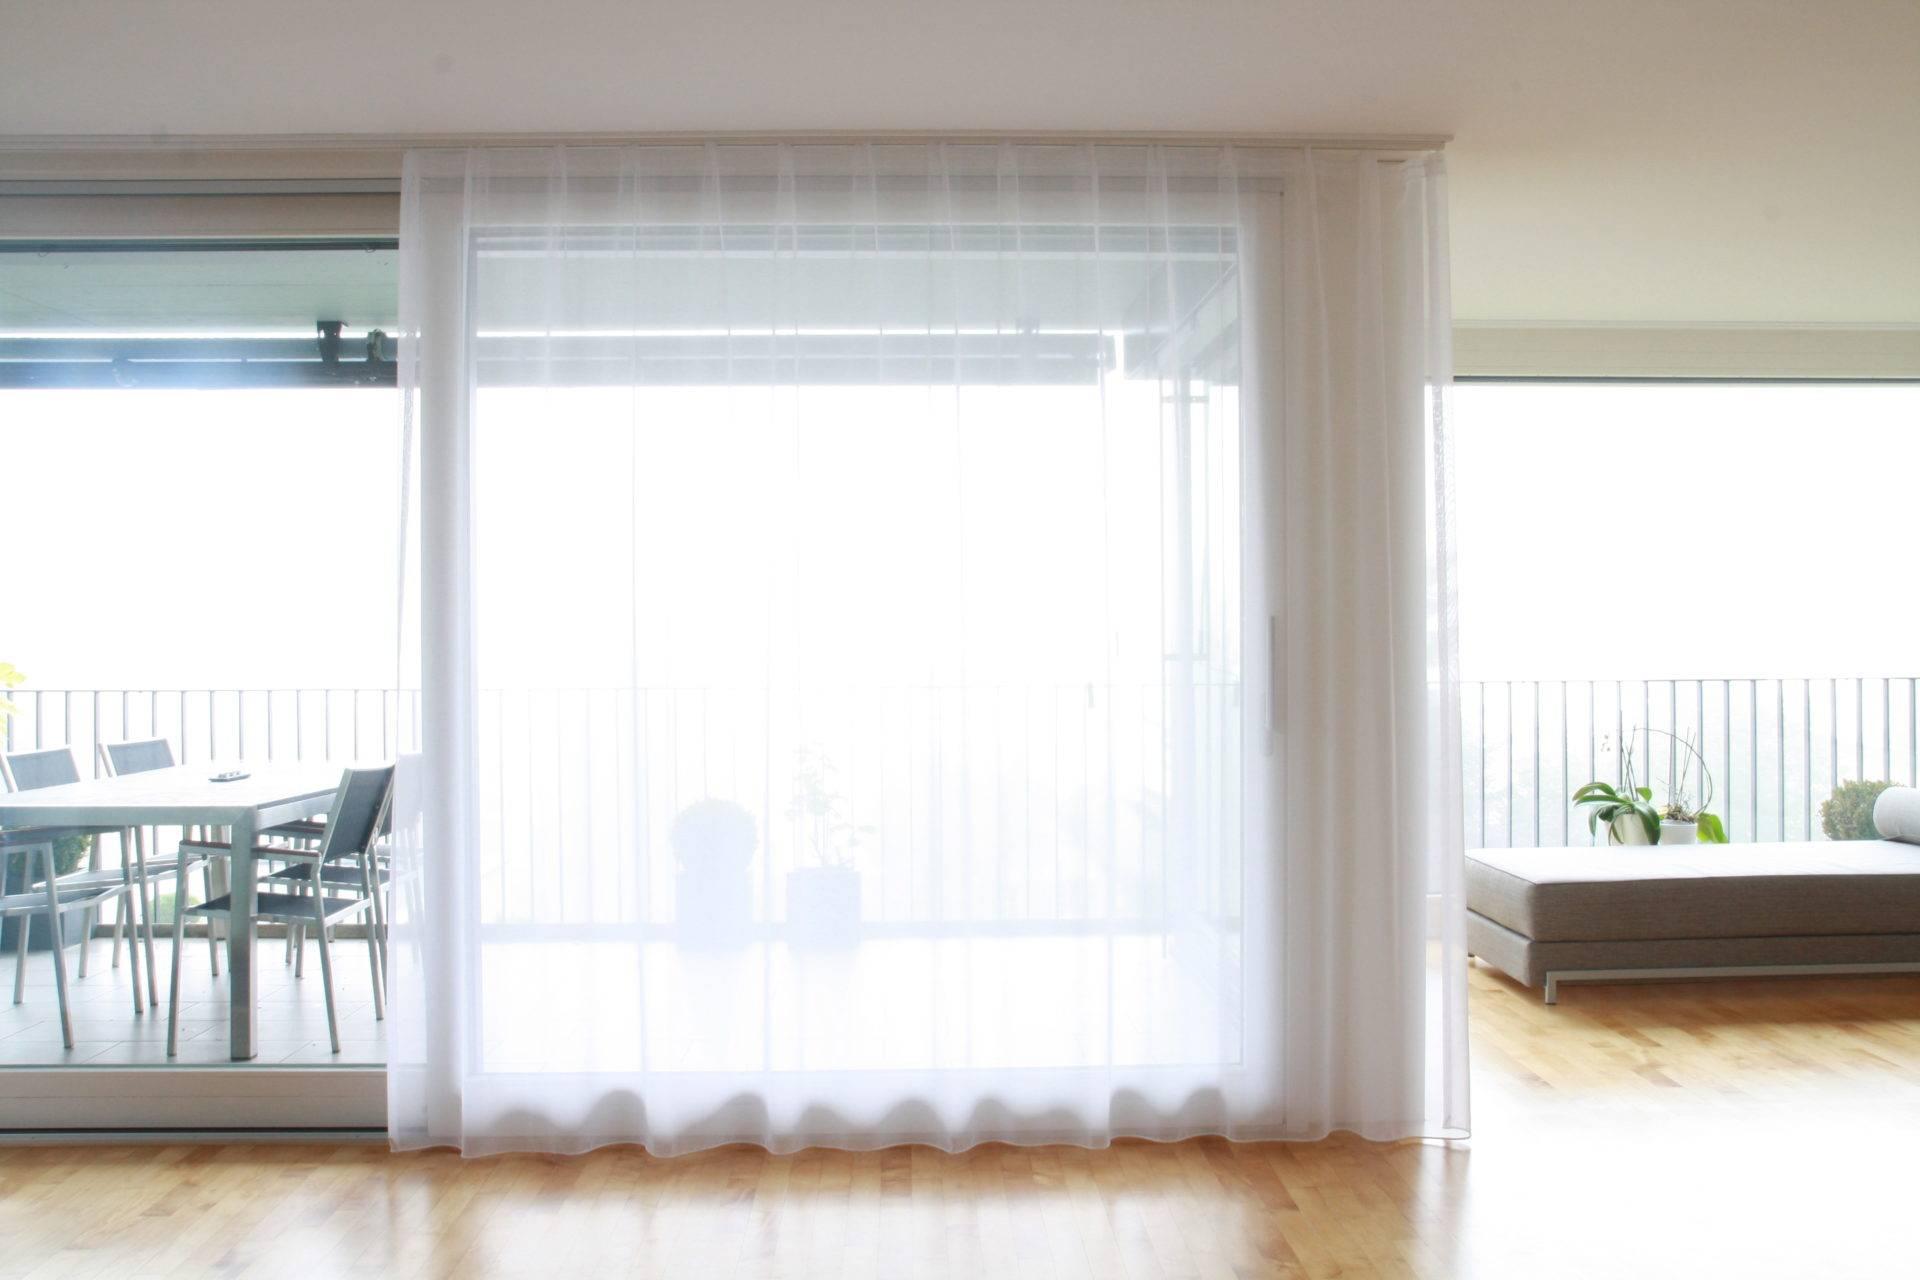 balkontr vorhang auen vorhang fr terrassentr schiebetren ausstattung mit vorhngen und gardinen. Black Bedroom Furniture Sets. Home Design Ideas